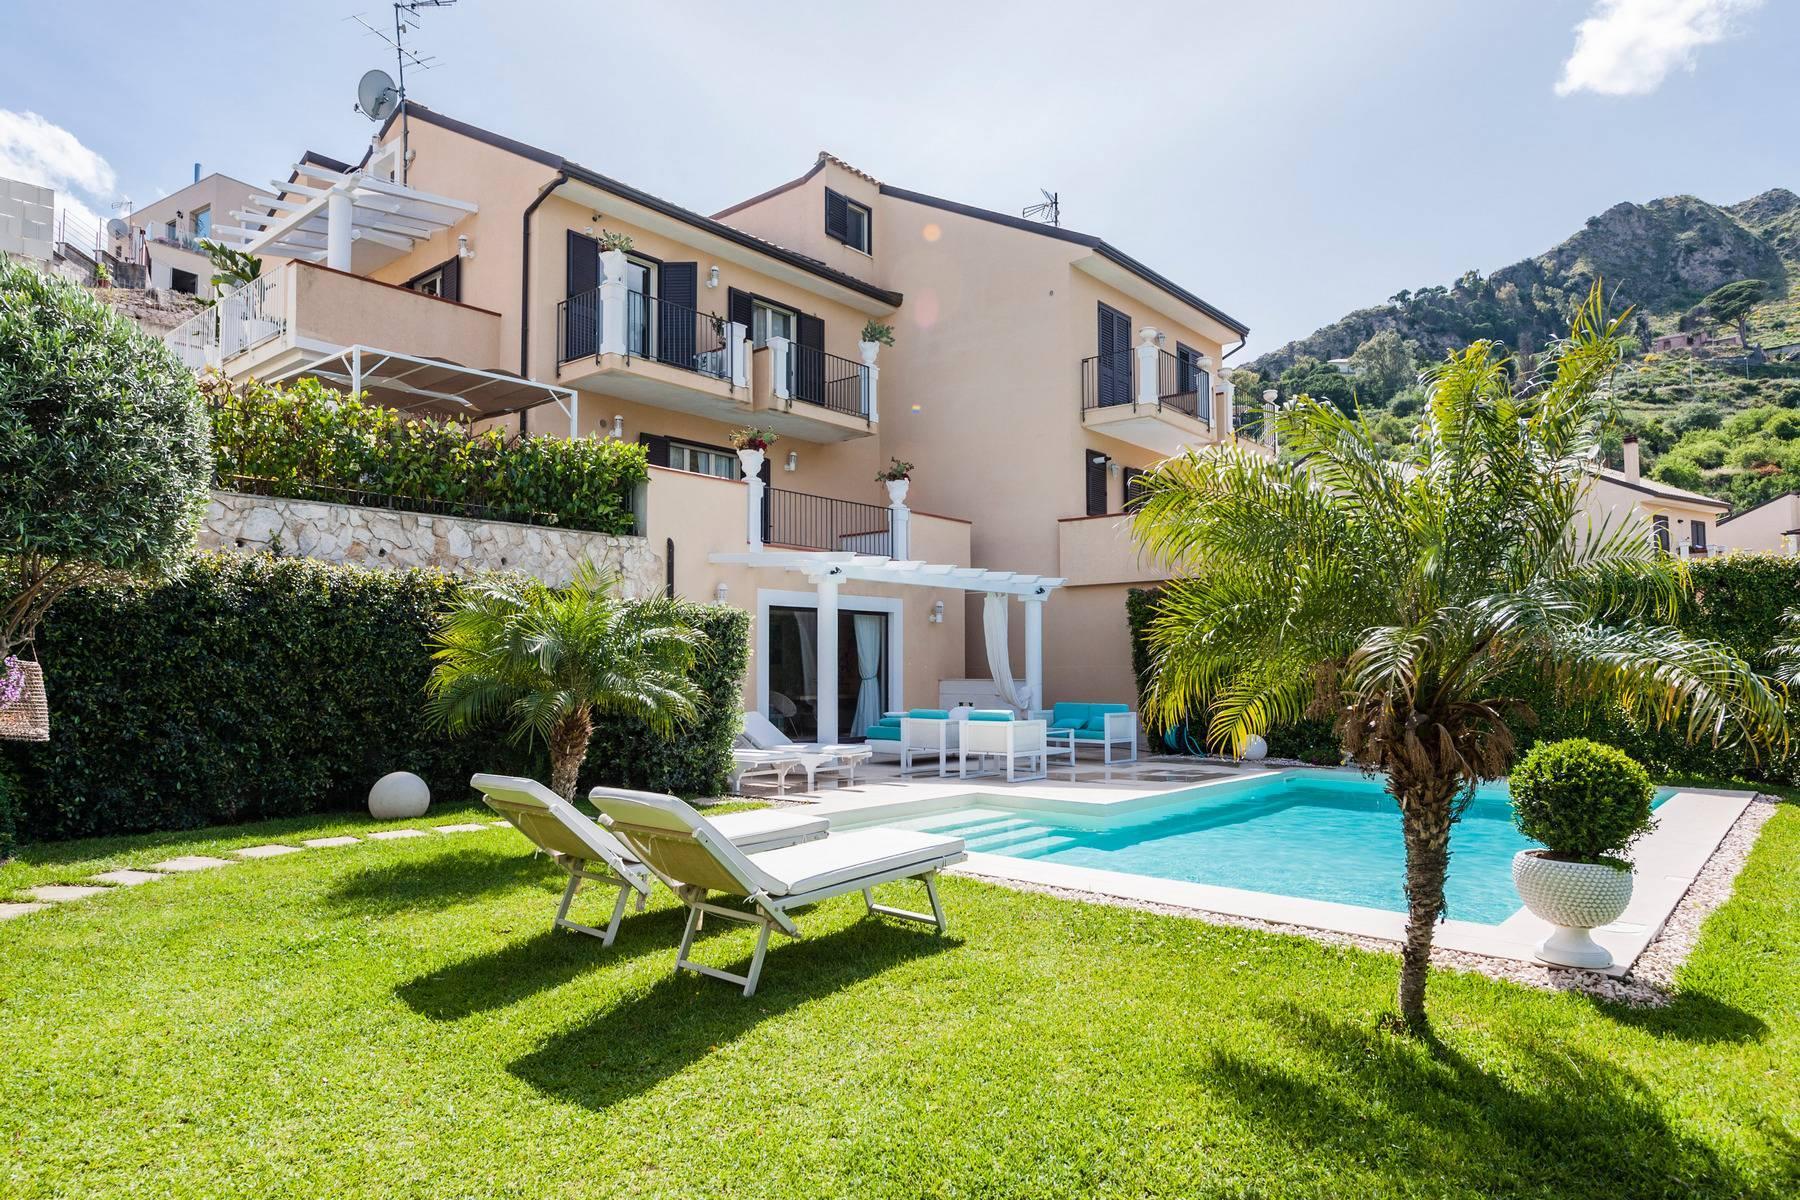 Modern villa with swimming pool in Taormina - 15